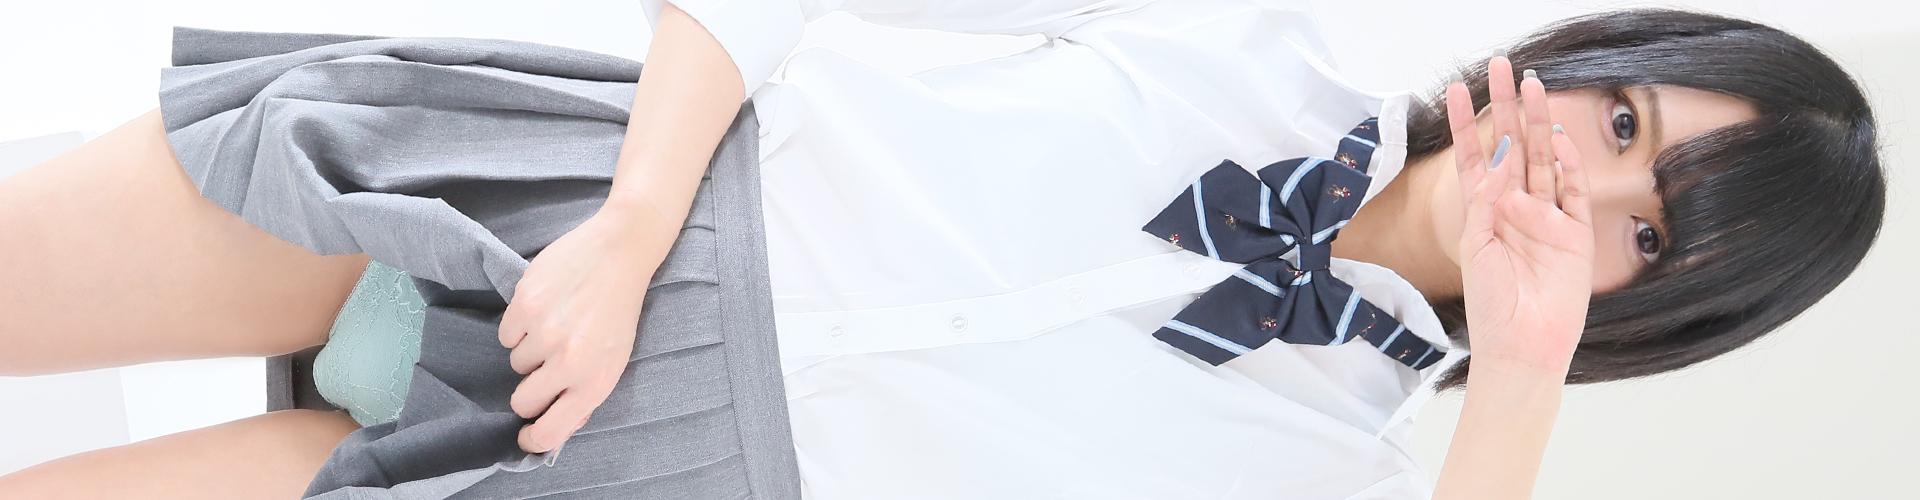 船橋デリヘル風俗|船橋 西船橋 デリバリーヘルス【キャンパスサミット船橋店】モデルかなめ写真